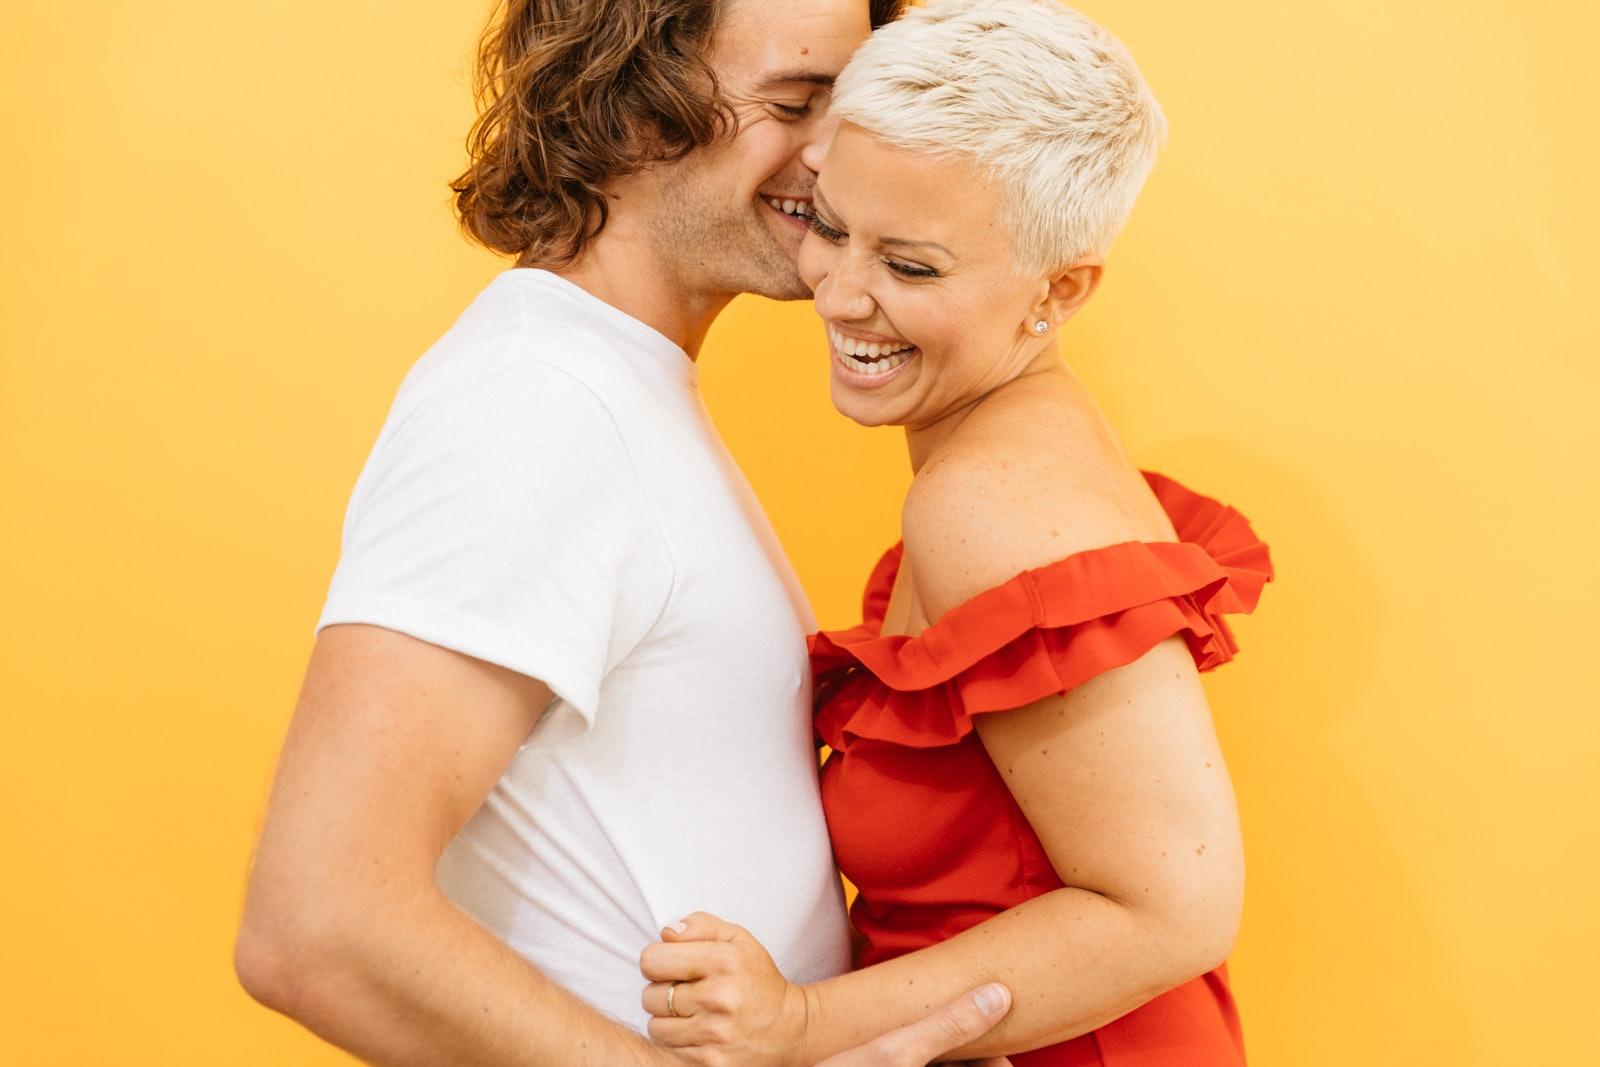 Love partner images